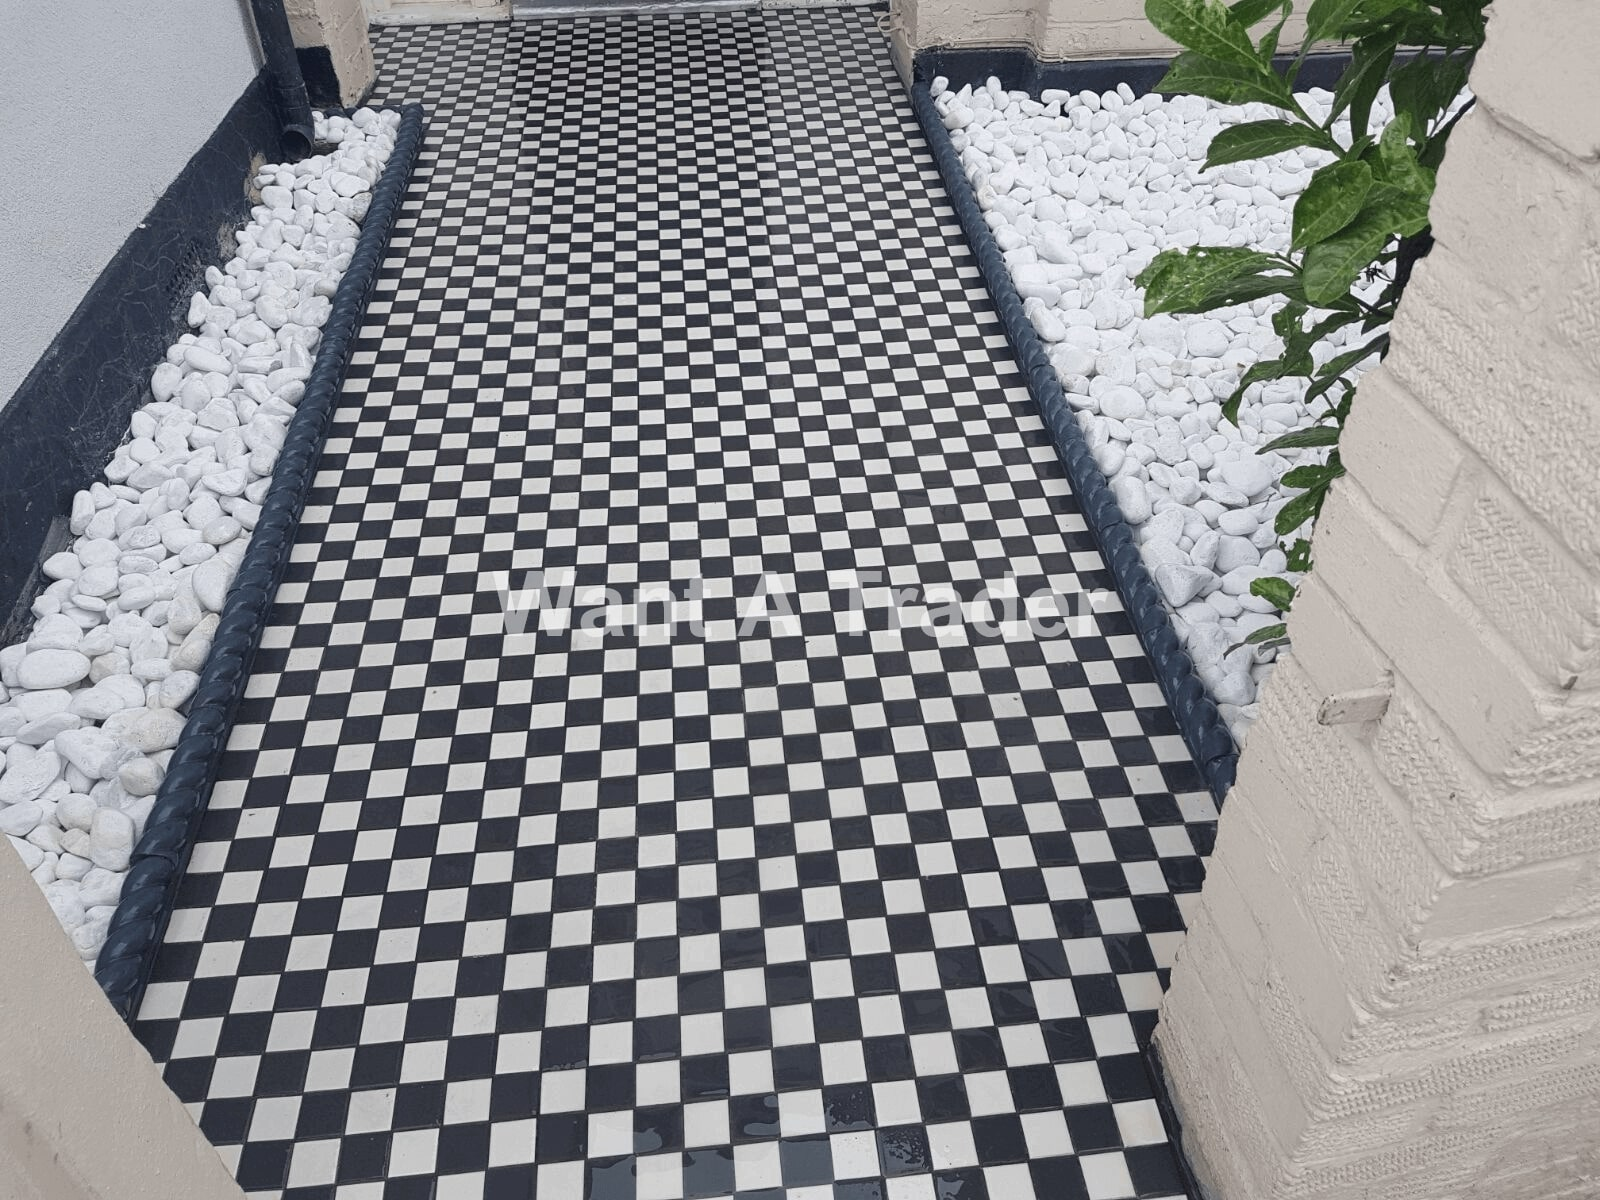 Garden Tiling Company Lee SE12